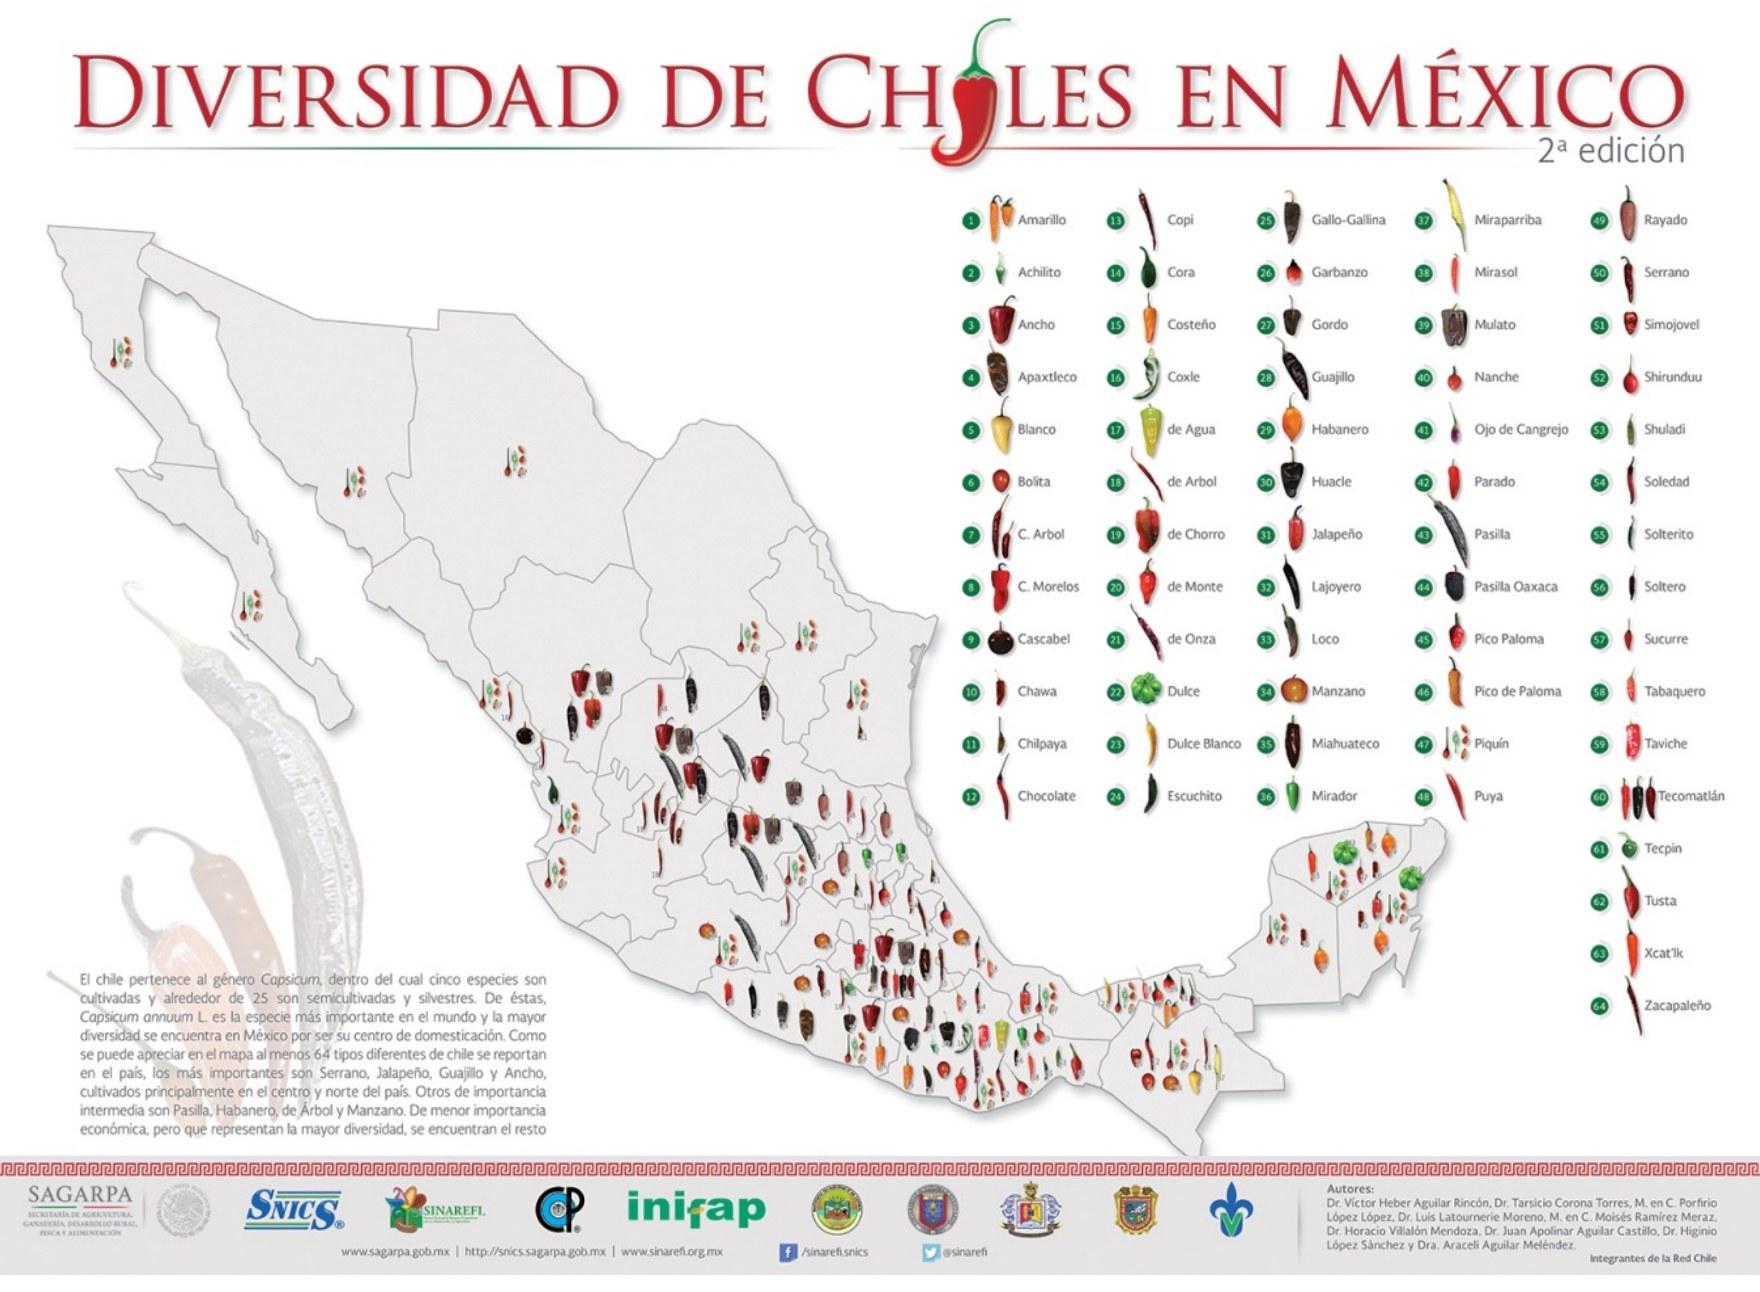 mapa de diversidad de chiles en méxico